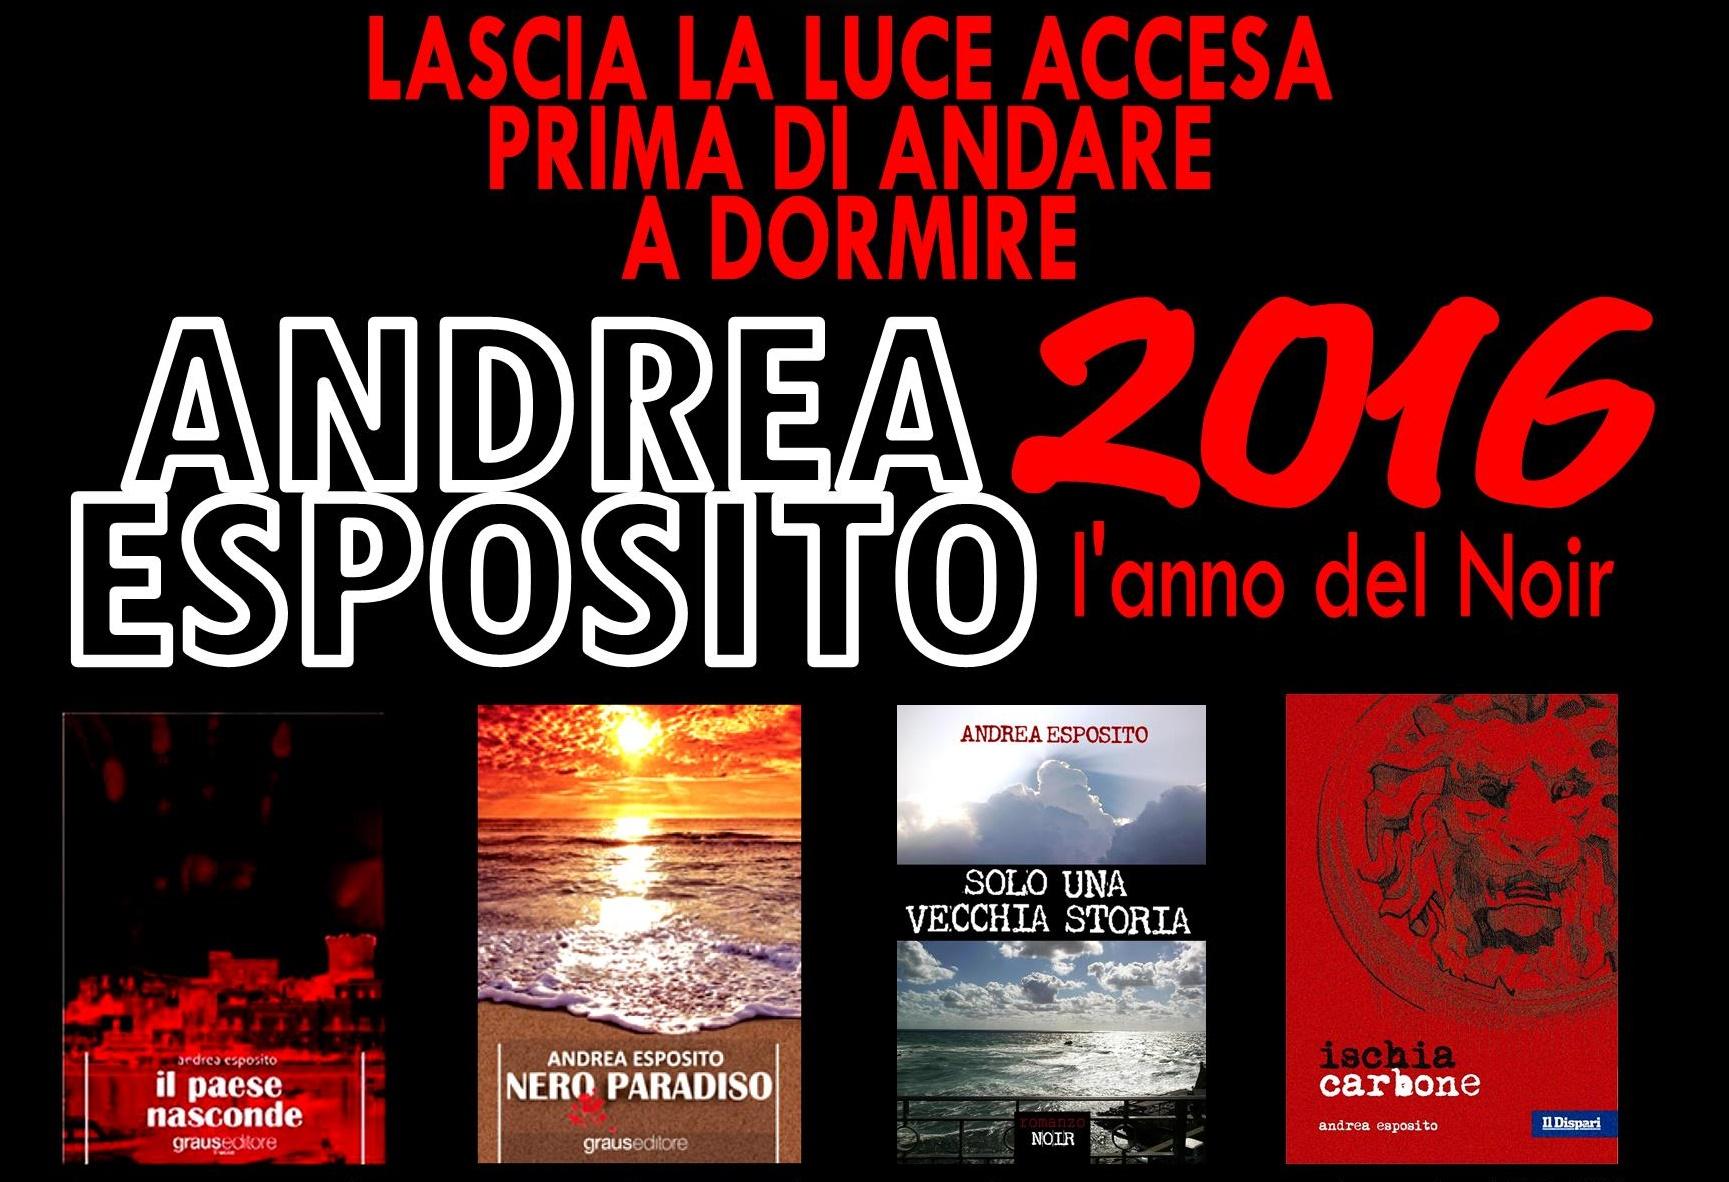 Andrea esposito sistema forex